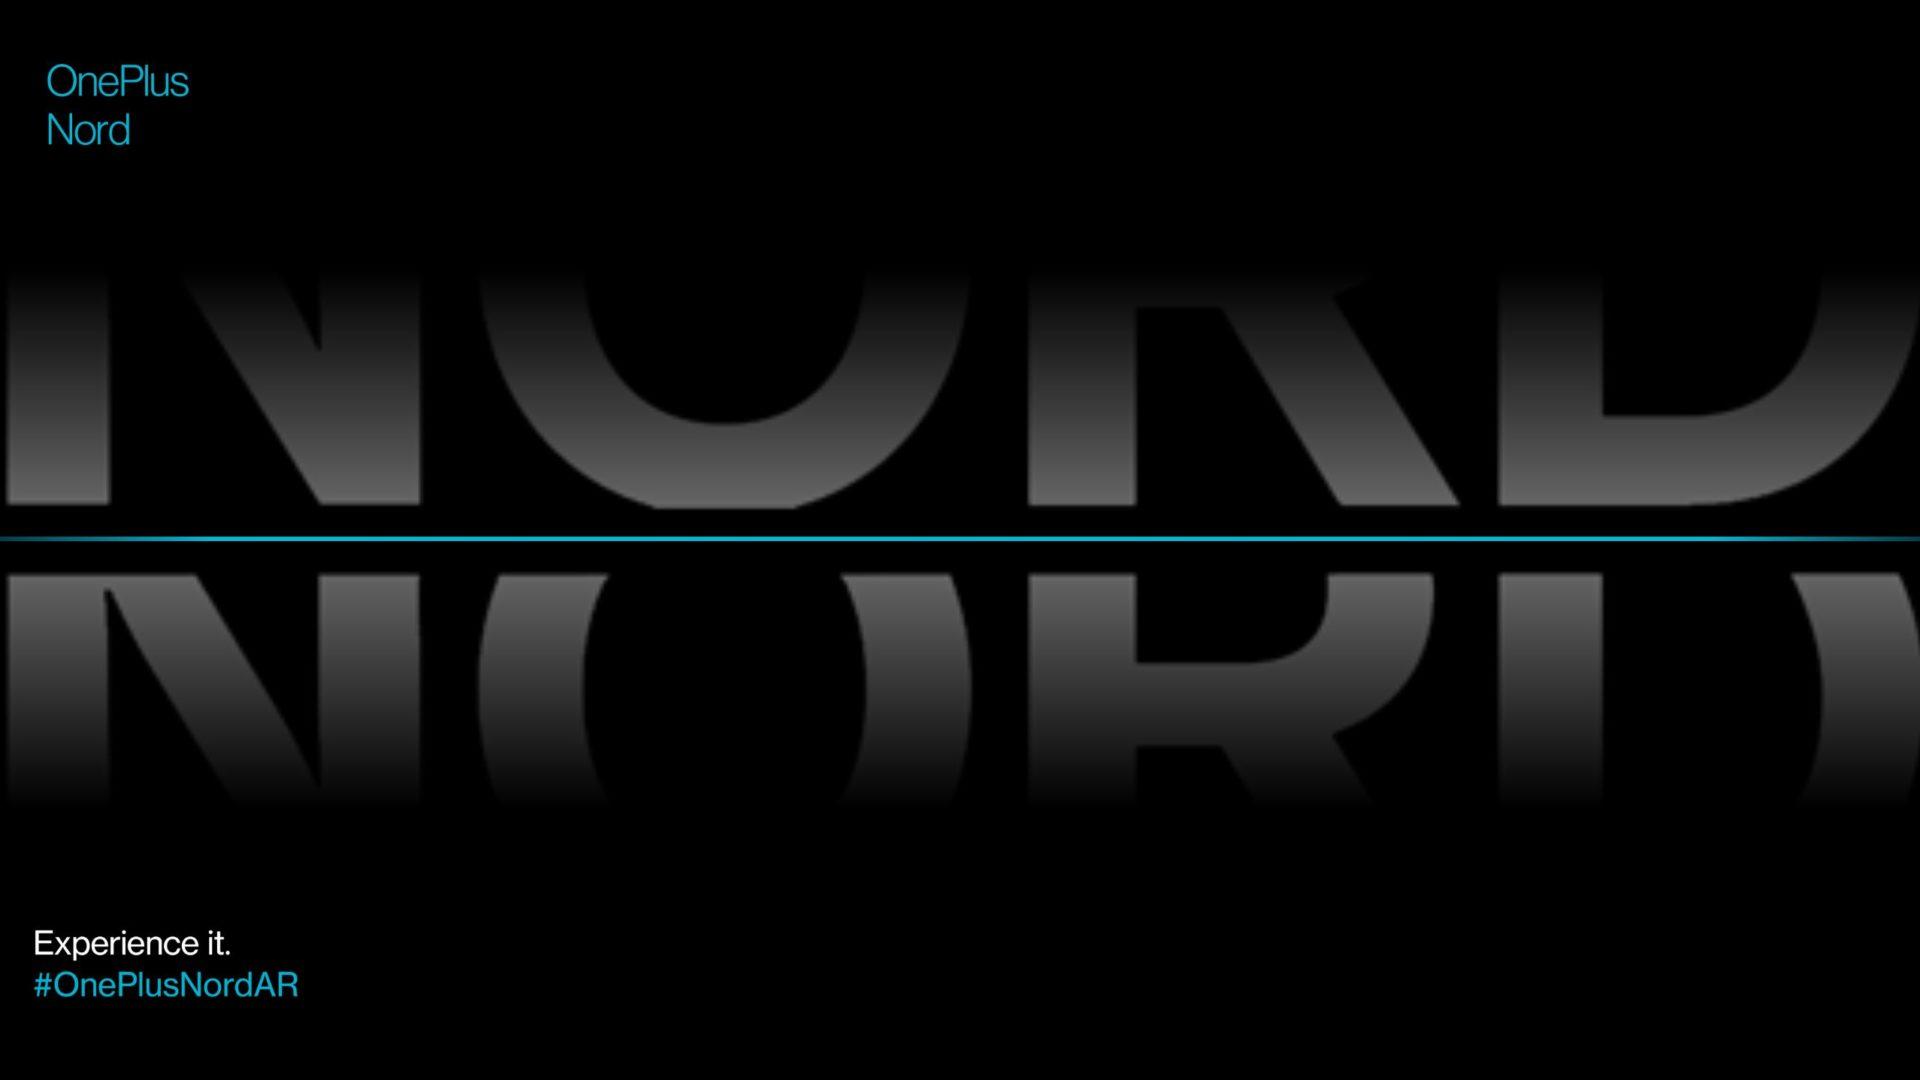 「OnePlus Nord」は7月21日にAR(拡張現実)を活用して発表へ